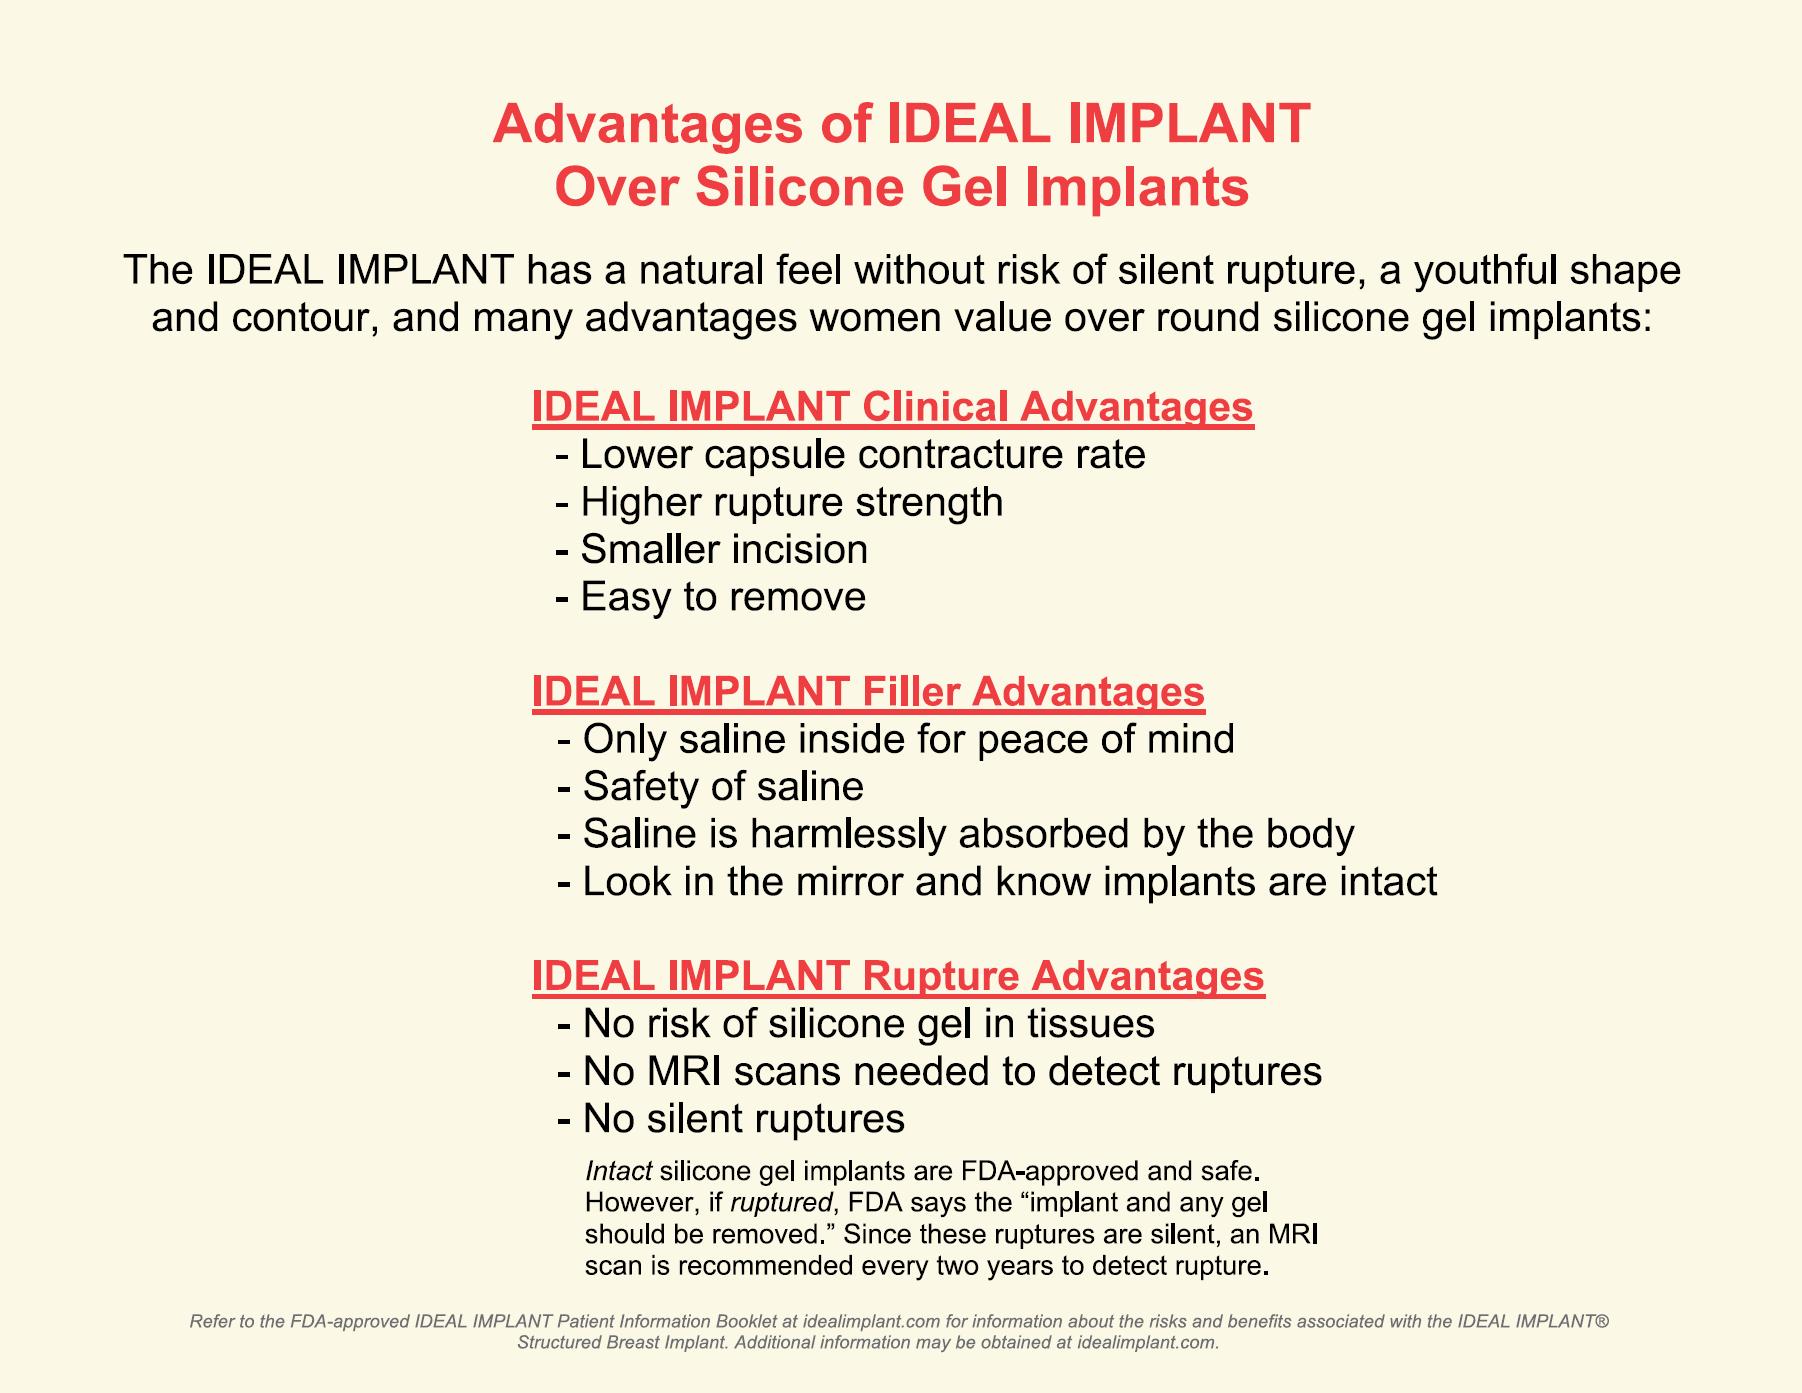 ideal implant advantages